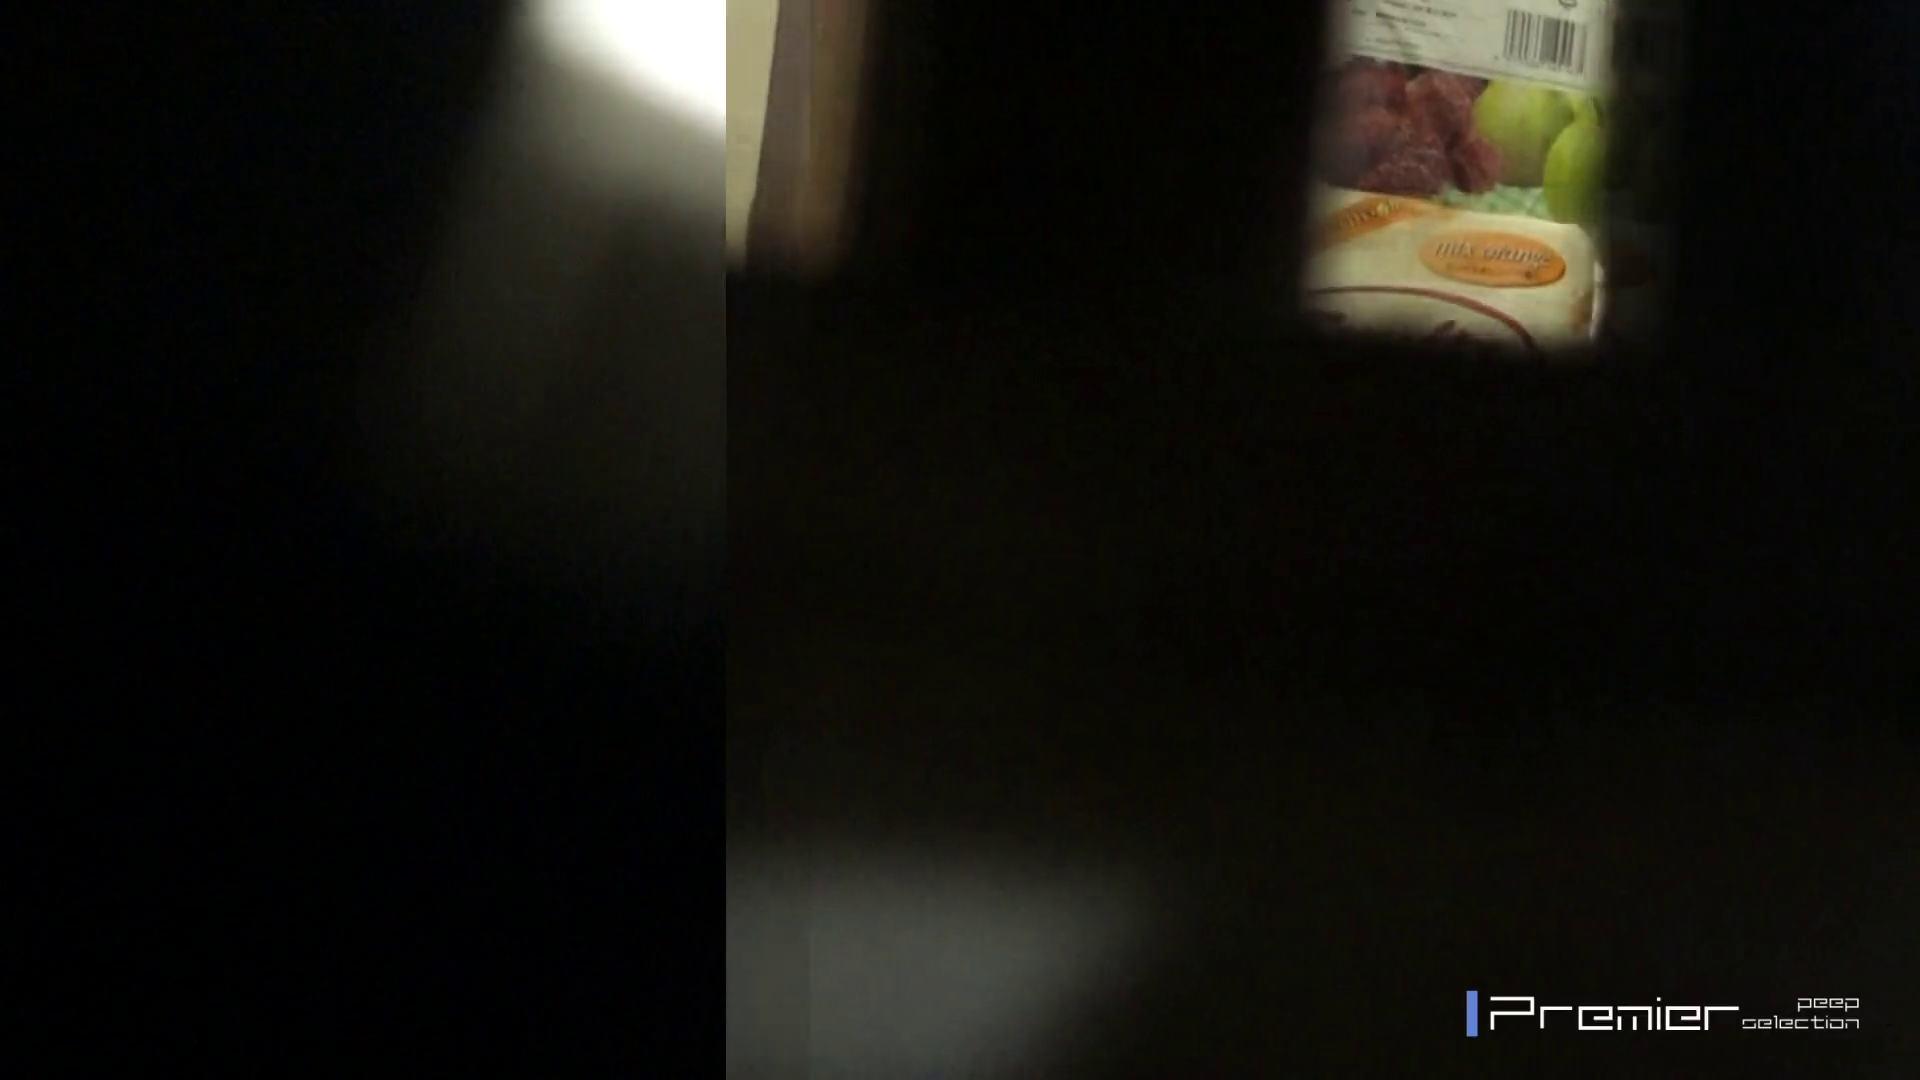 マニア必見!ポチャ達のカーニバル美女達の私生活に潜入! ポチャ 盗撮エロ画像 99pic 47